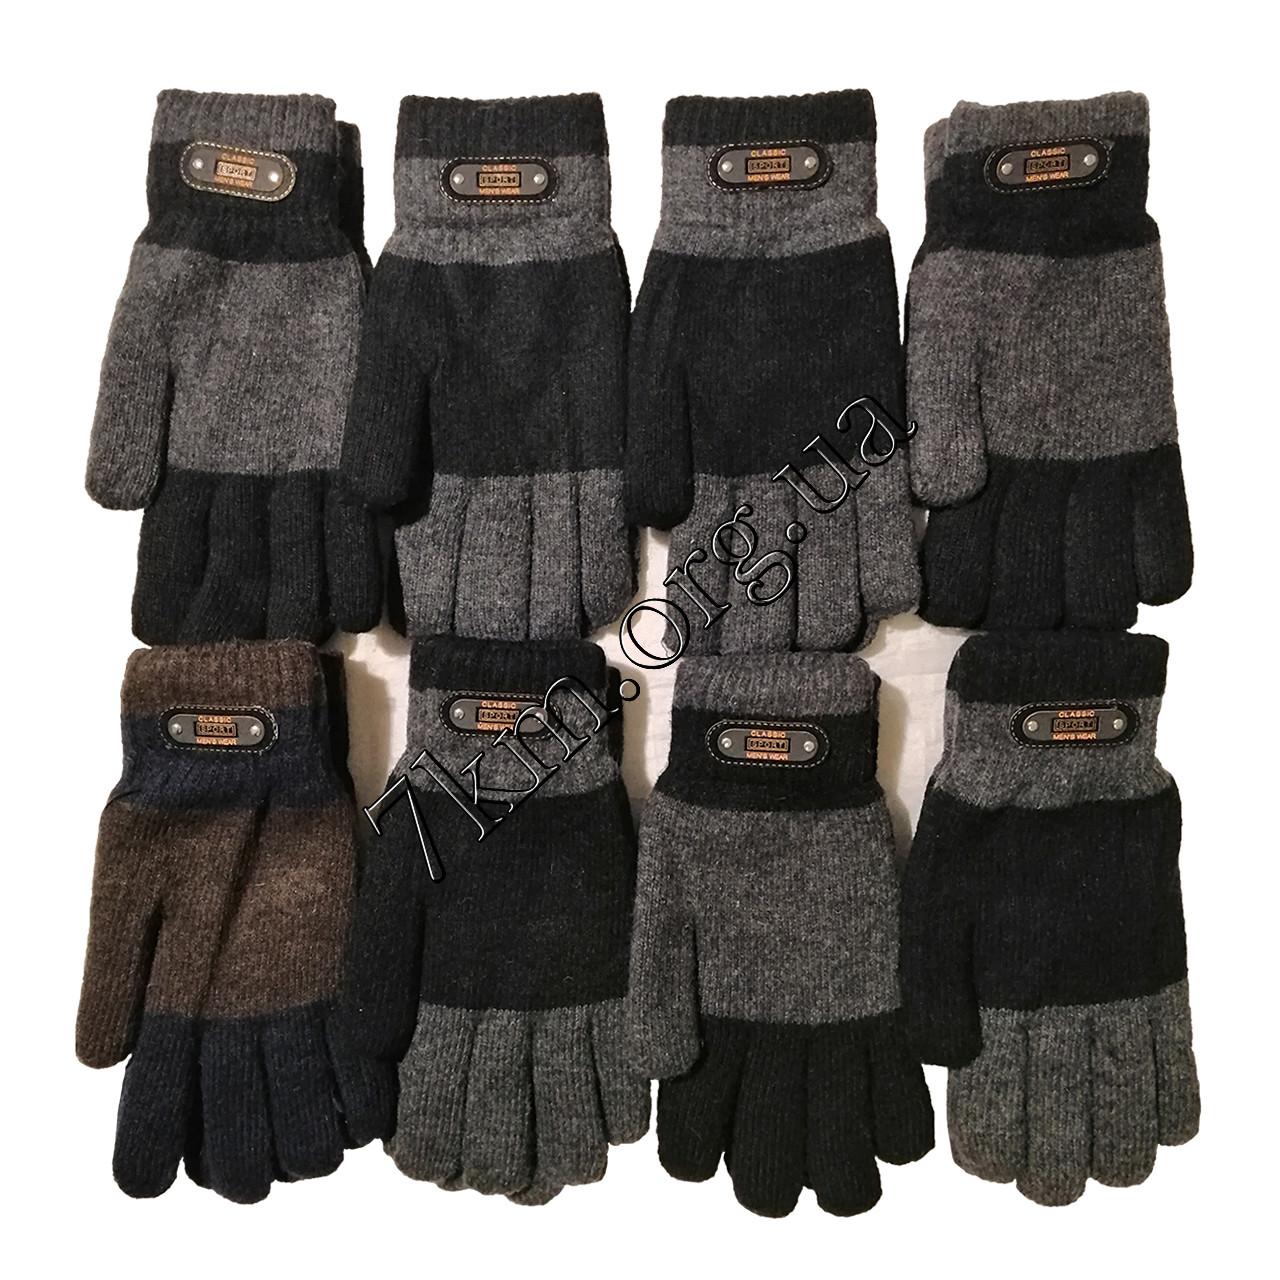 Перчатки мужские одинарные +махра для телефона XXL Китай Оптом H8134